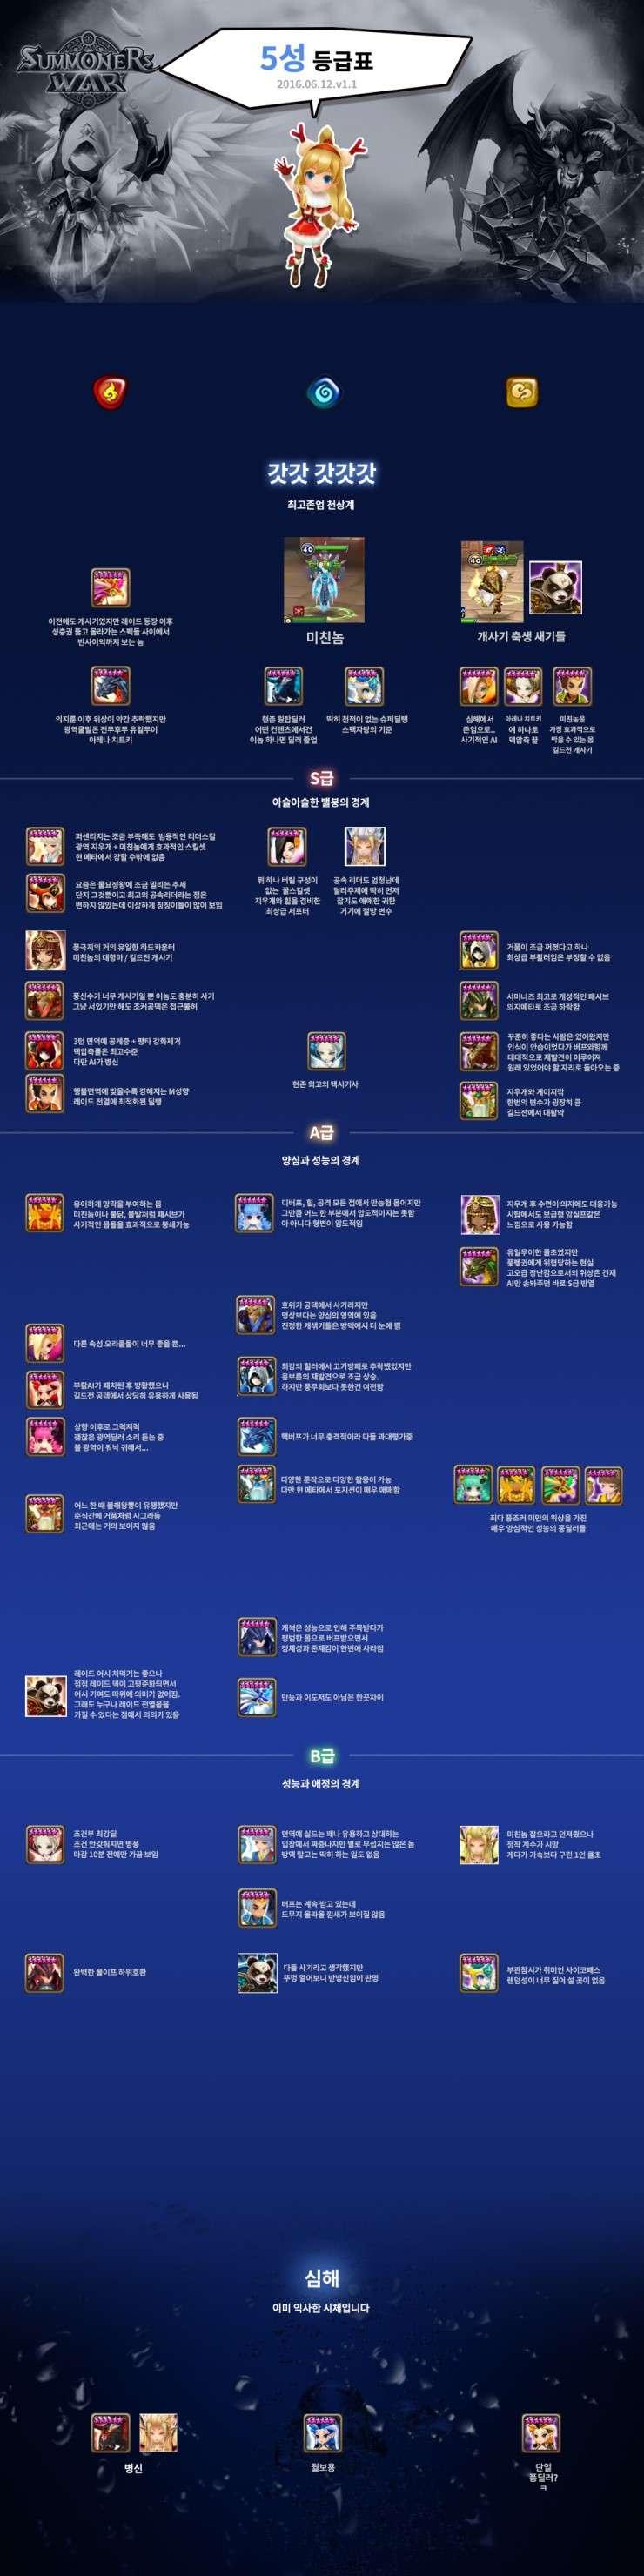 Classement des 5 nat en pvp selon les coréens Gv7rae10